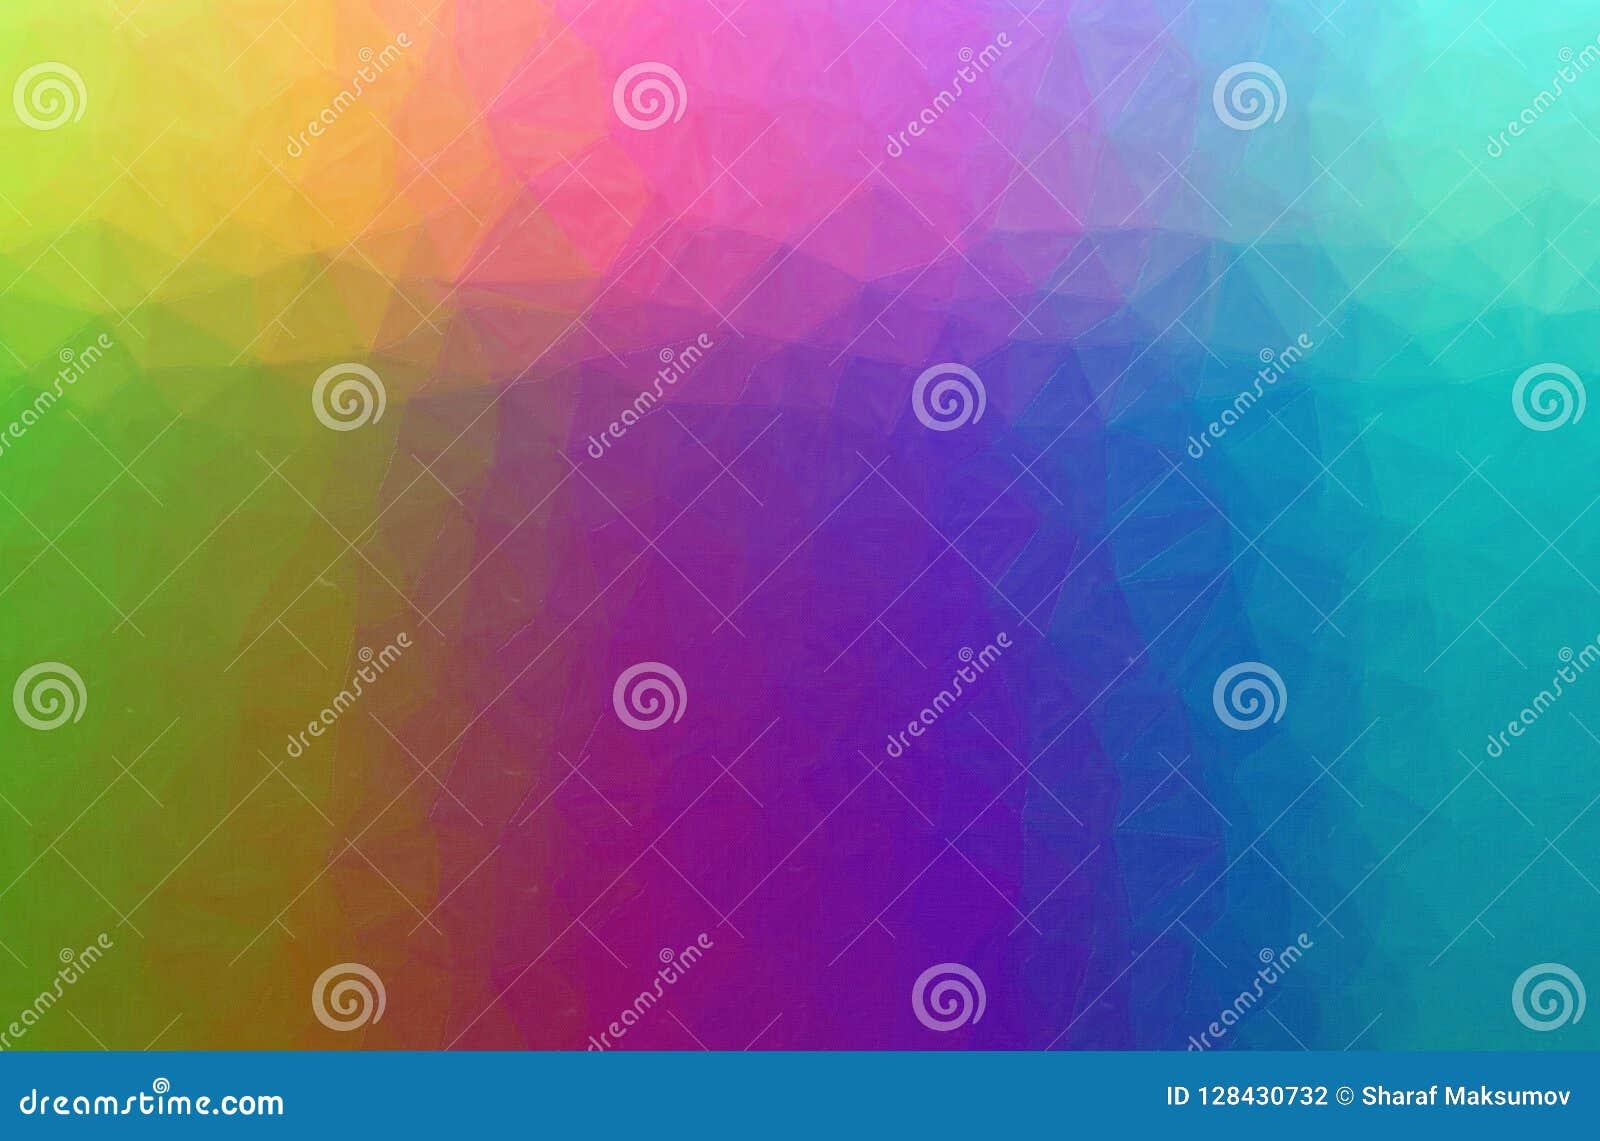 Oil Pastel Violet Green